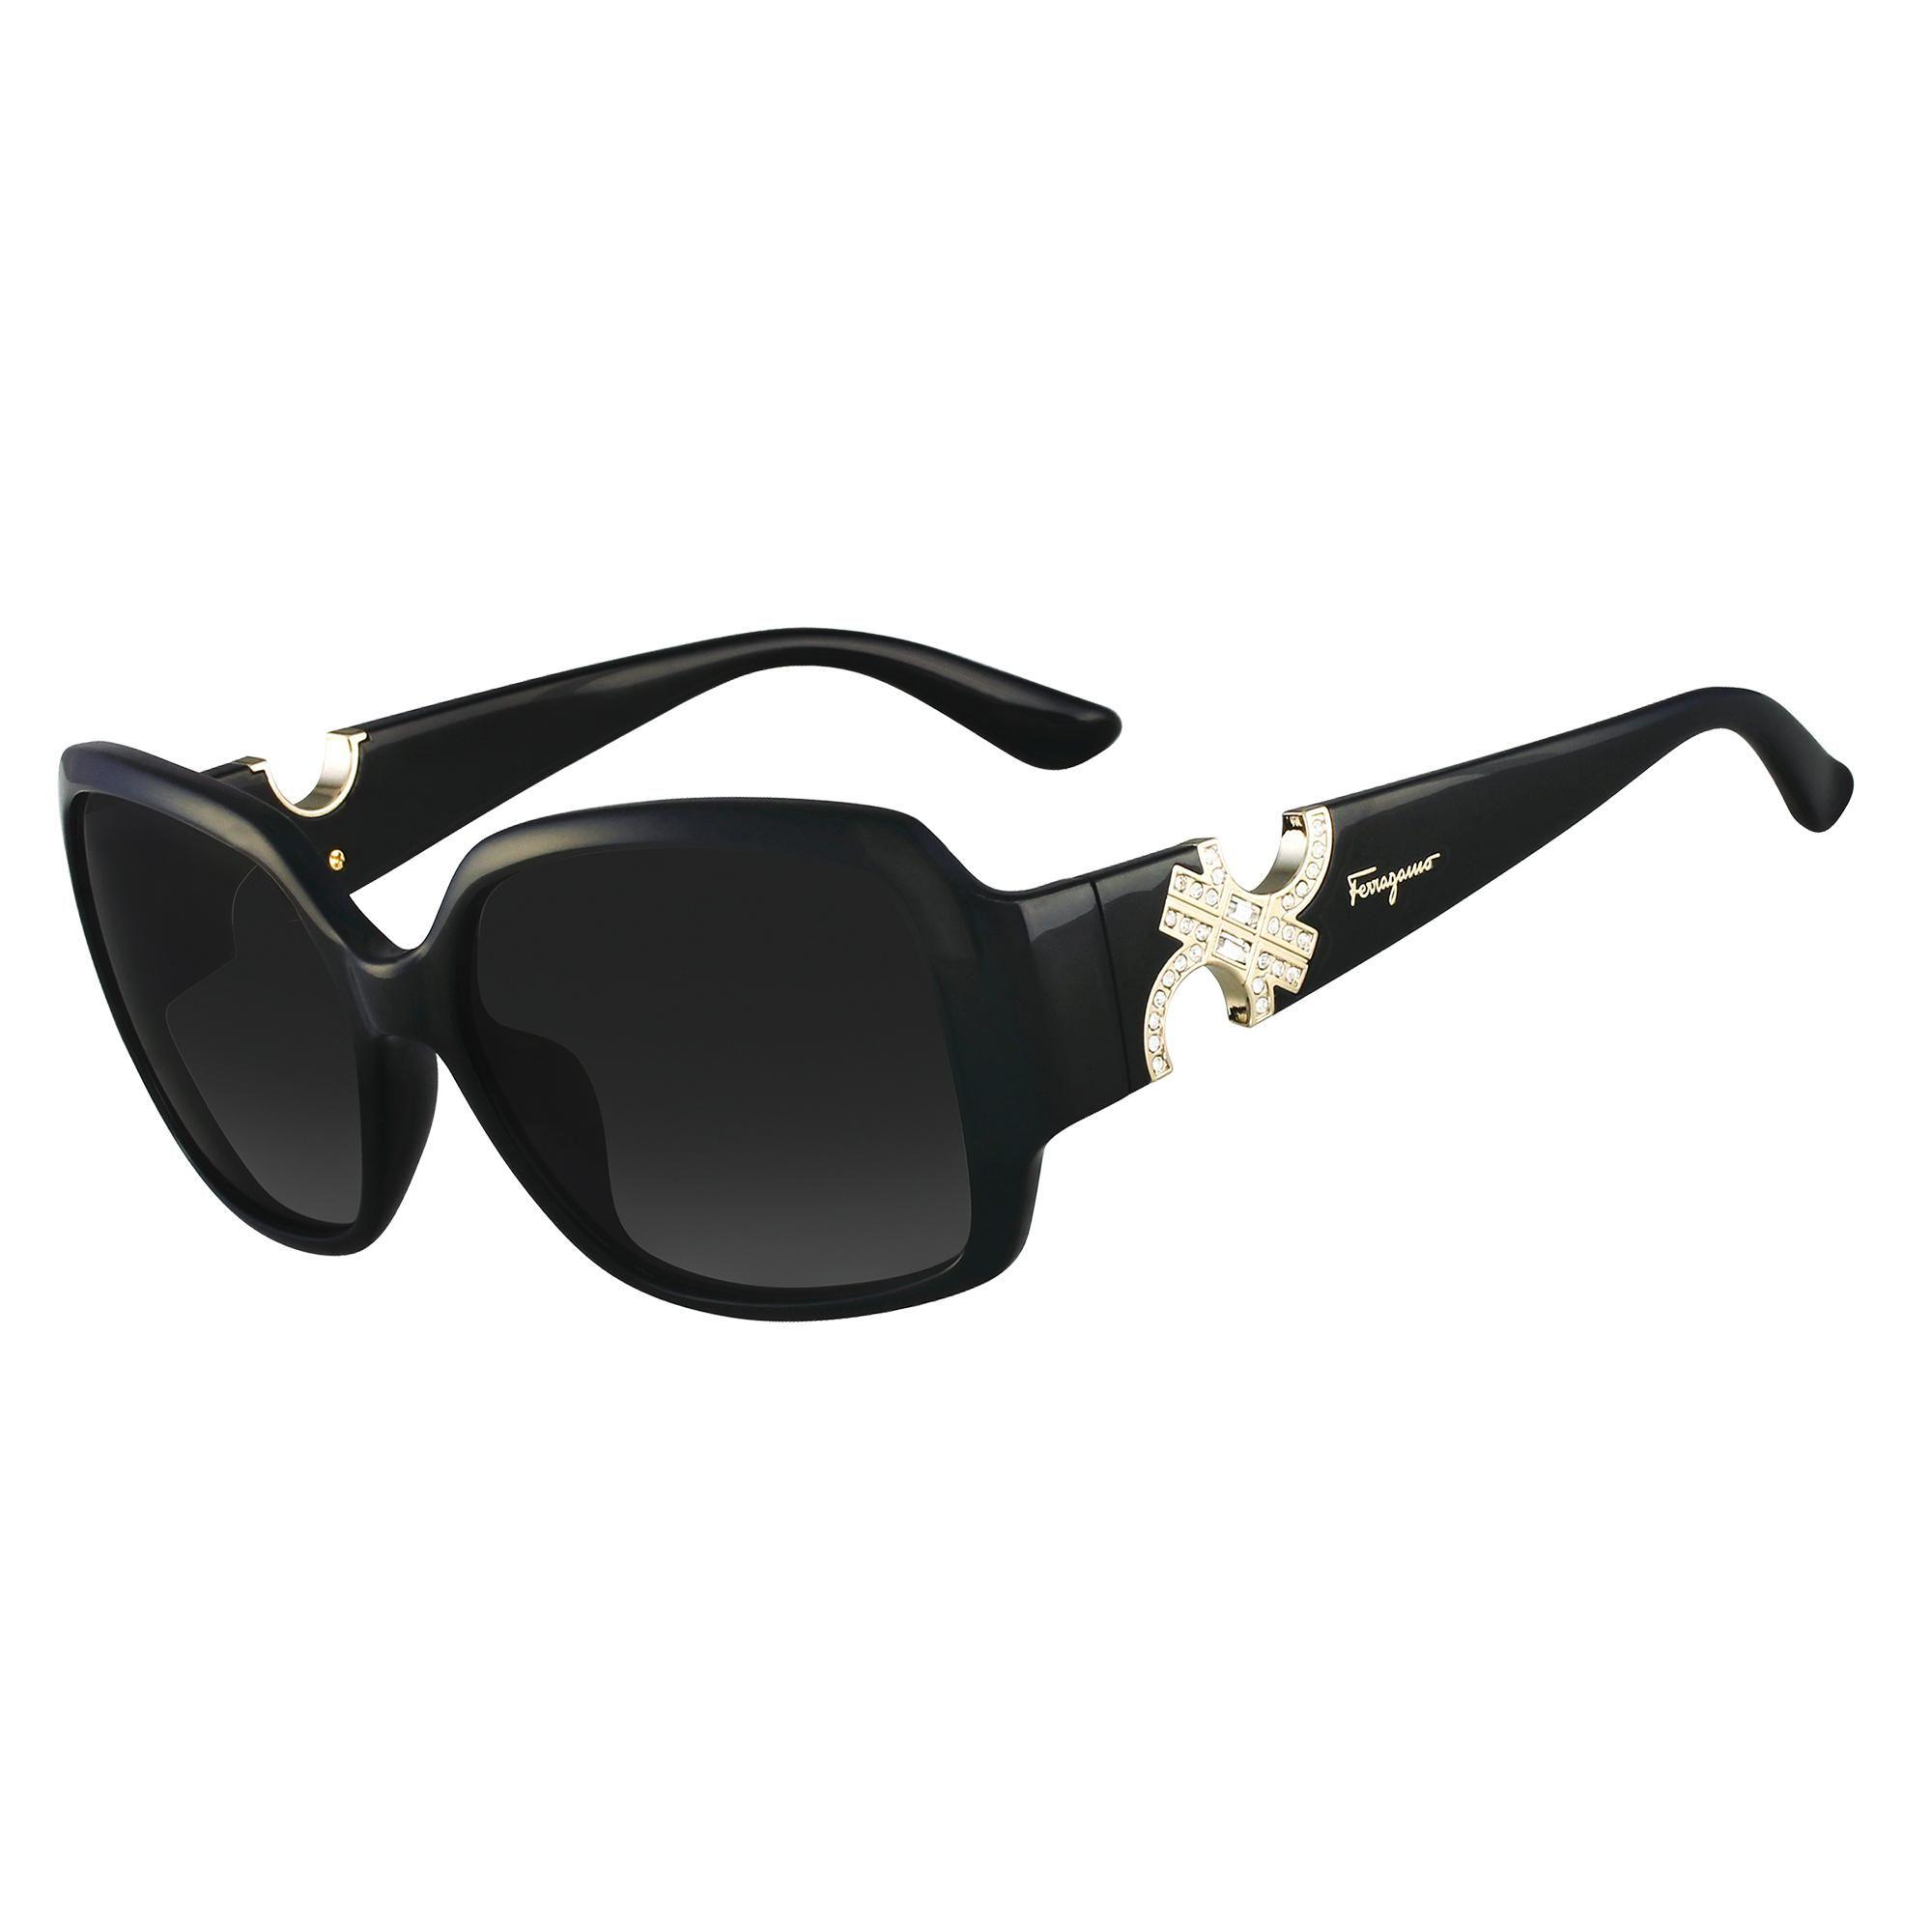 d895cb633f3 Salvatore Ferragamo Sunglasses - SF642SR 001 57-16